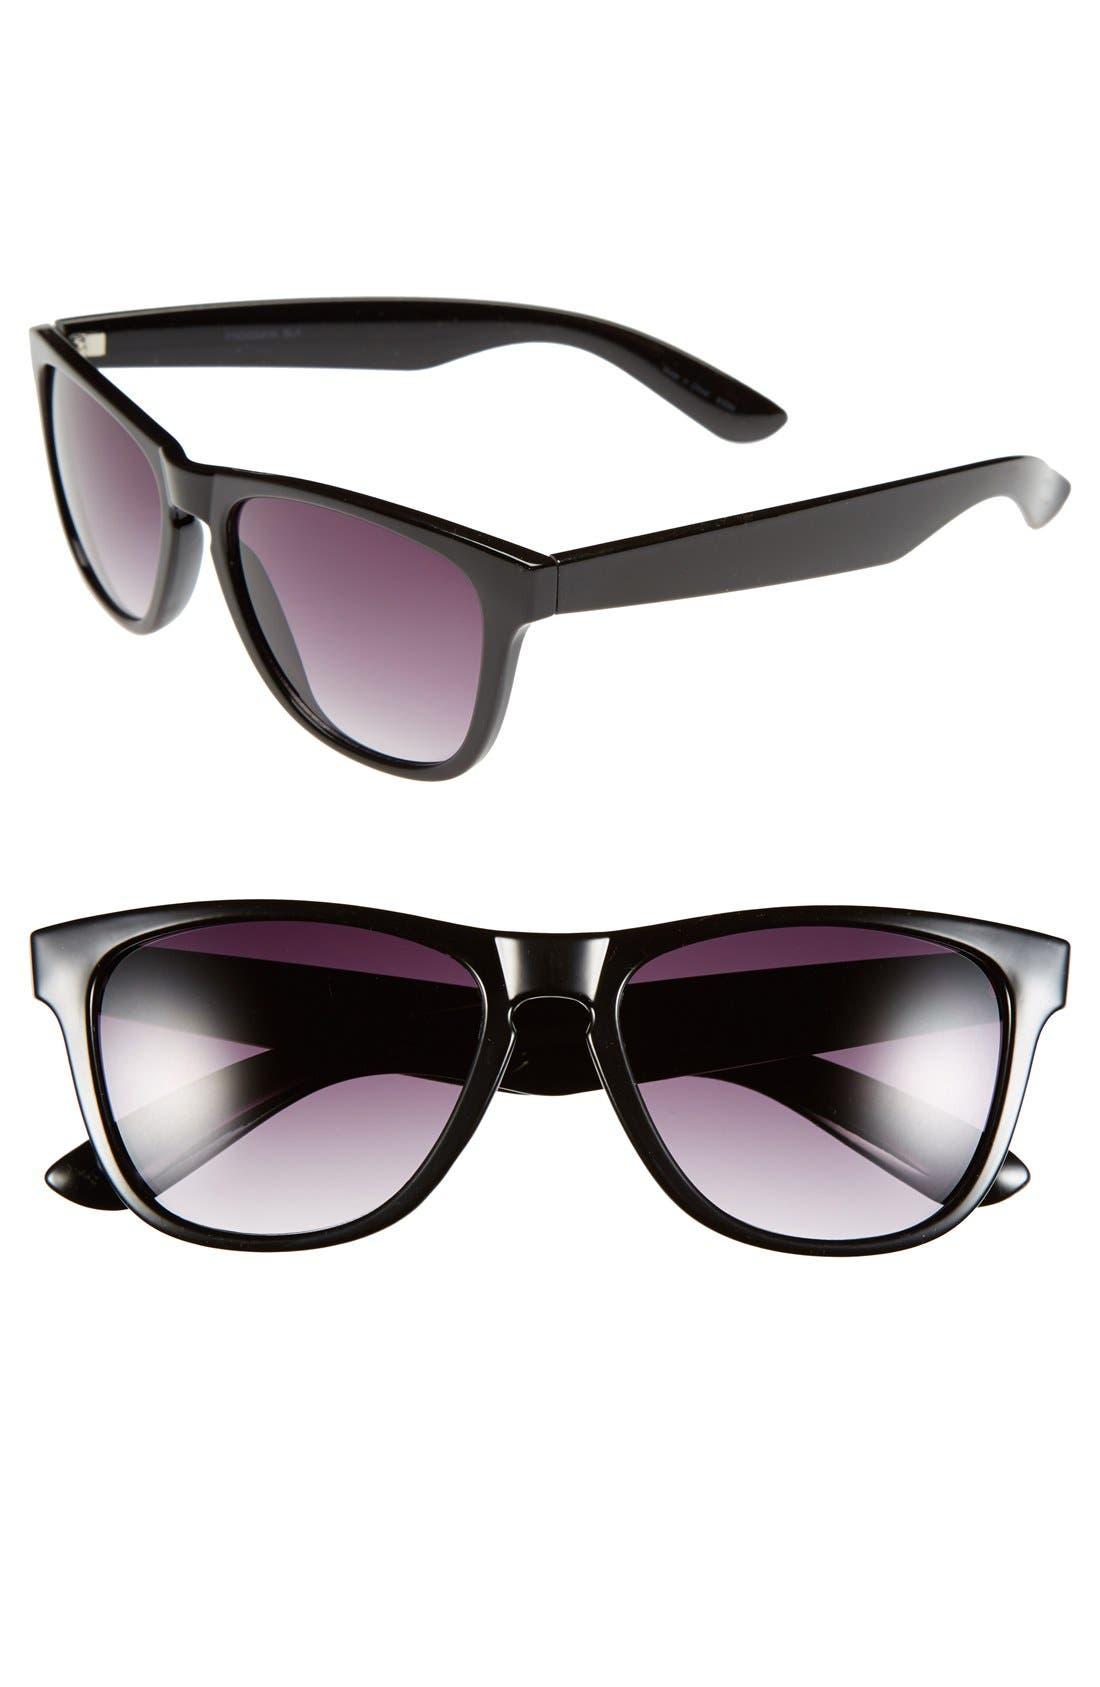 Alternate Image 1 Selected - Outlook Eyewear 'Frogskin' 55mm Sunglasses